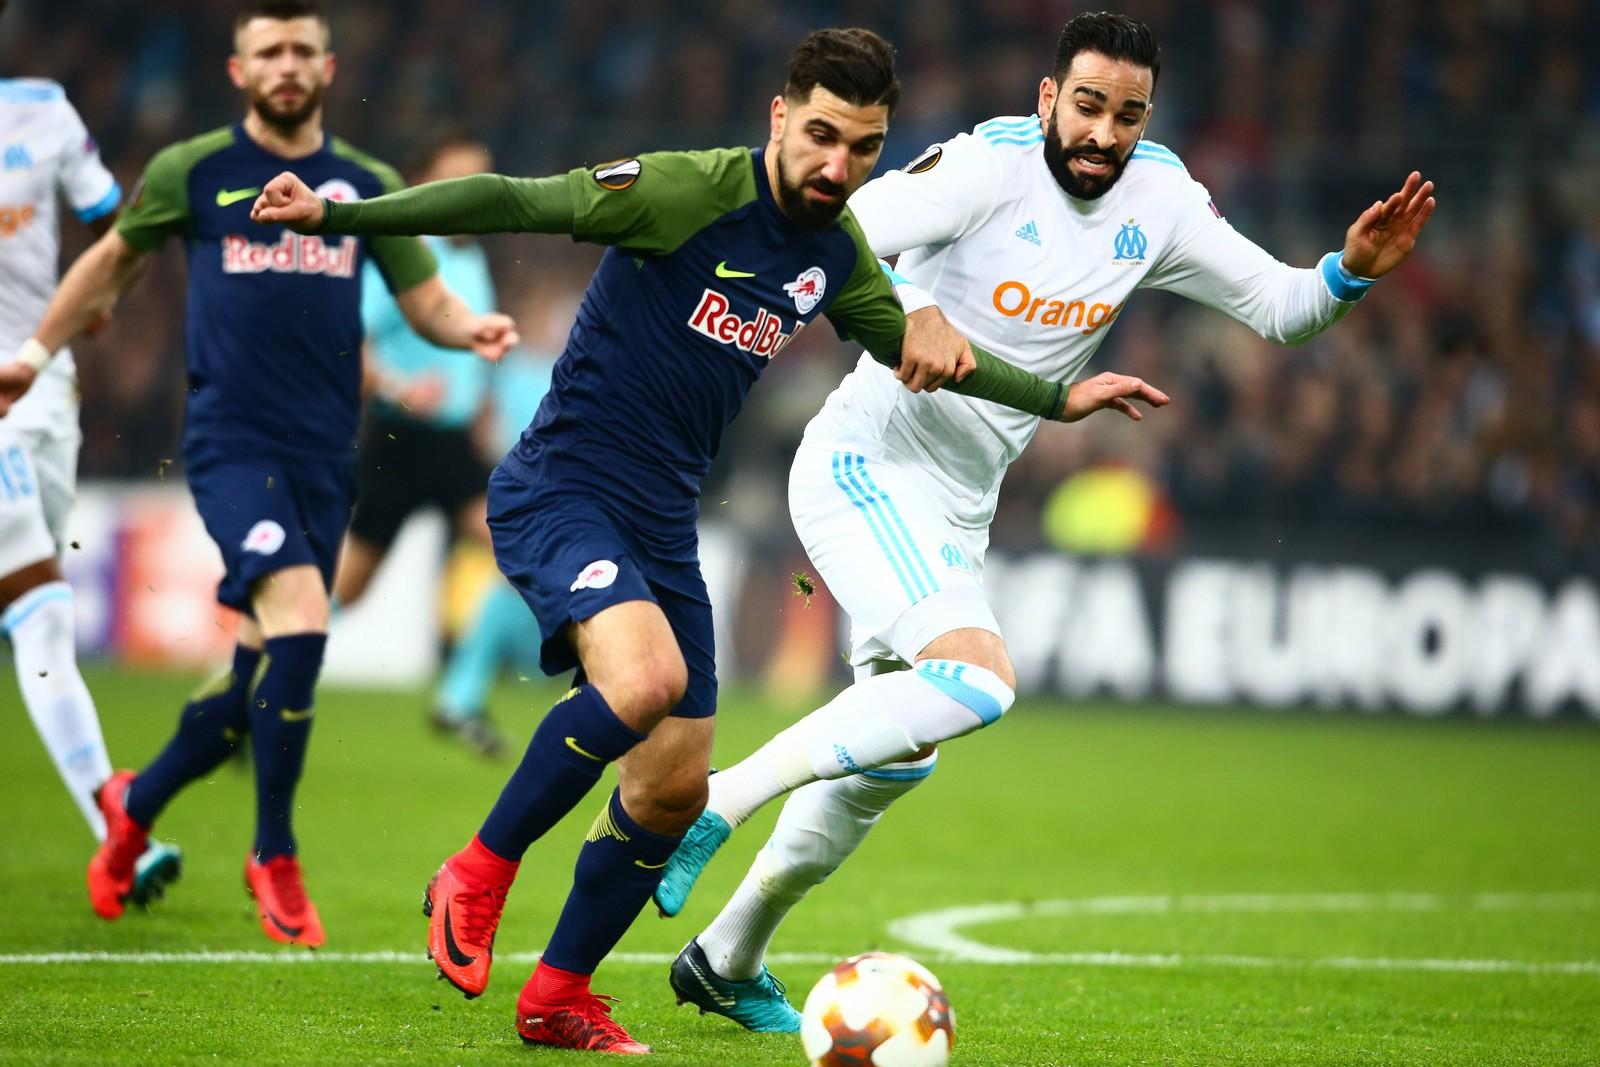 Setzt sich Munas Dabbur gegen Adil Rami durch? Jetzt auf Marseille gegen Salzburg wetten!